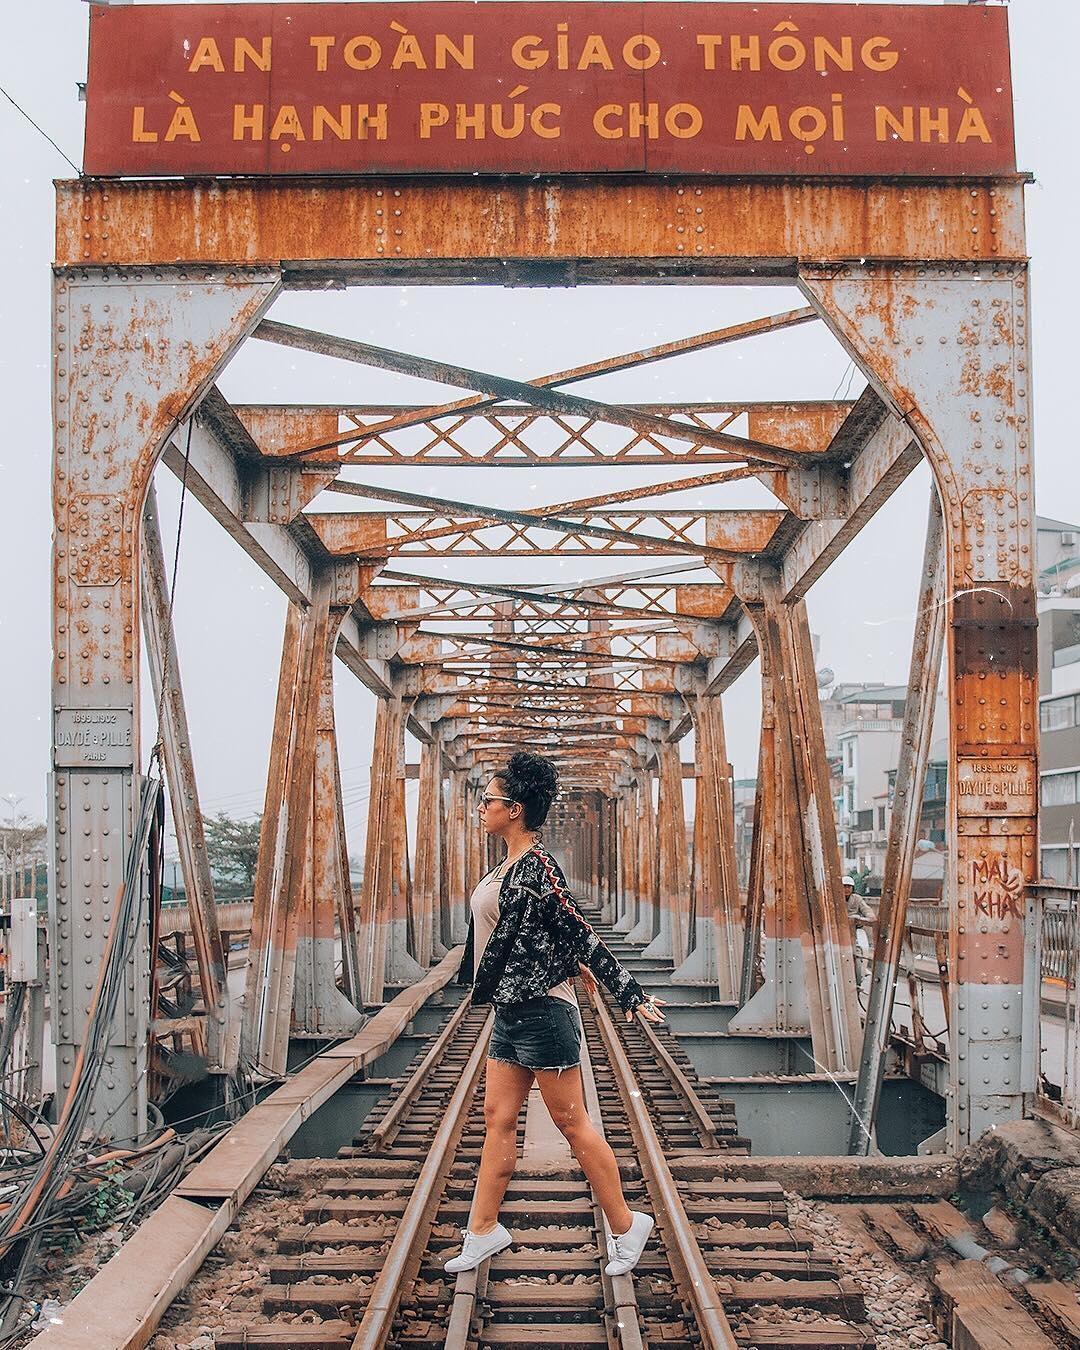 Bất chấp nguy hiểm, khách du lịch đổ xô đến cầu Long Biên chụp ảnh 'check-in' Ảnh 5